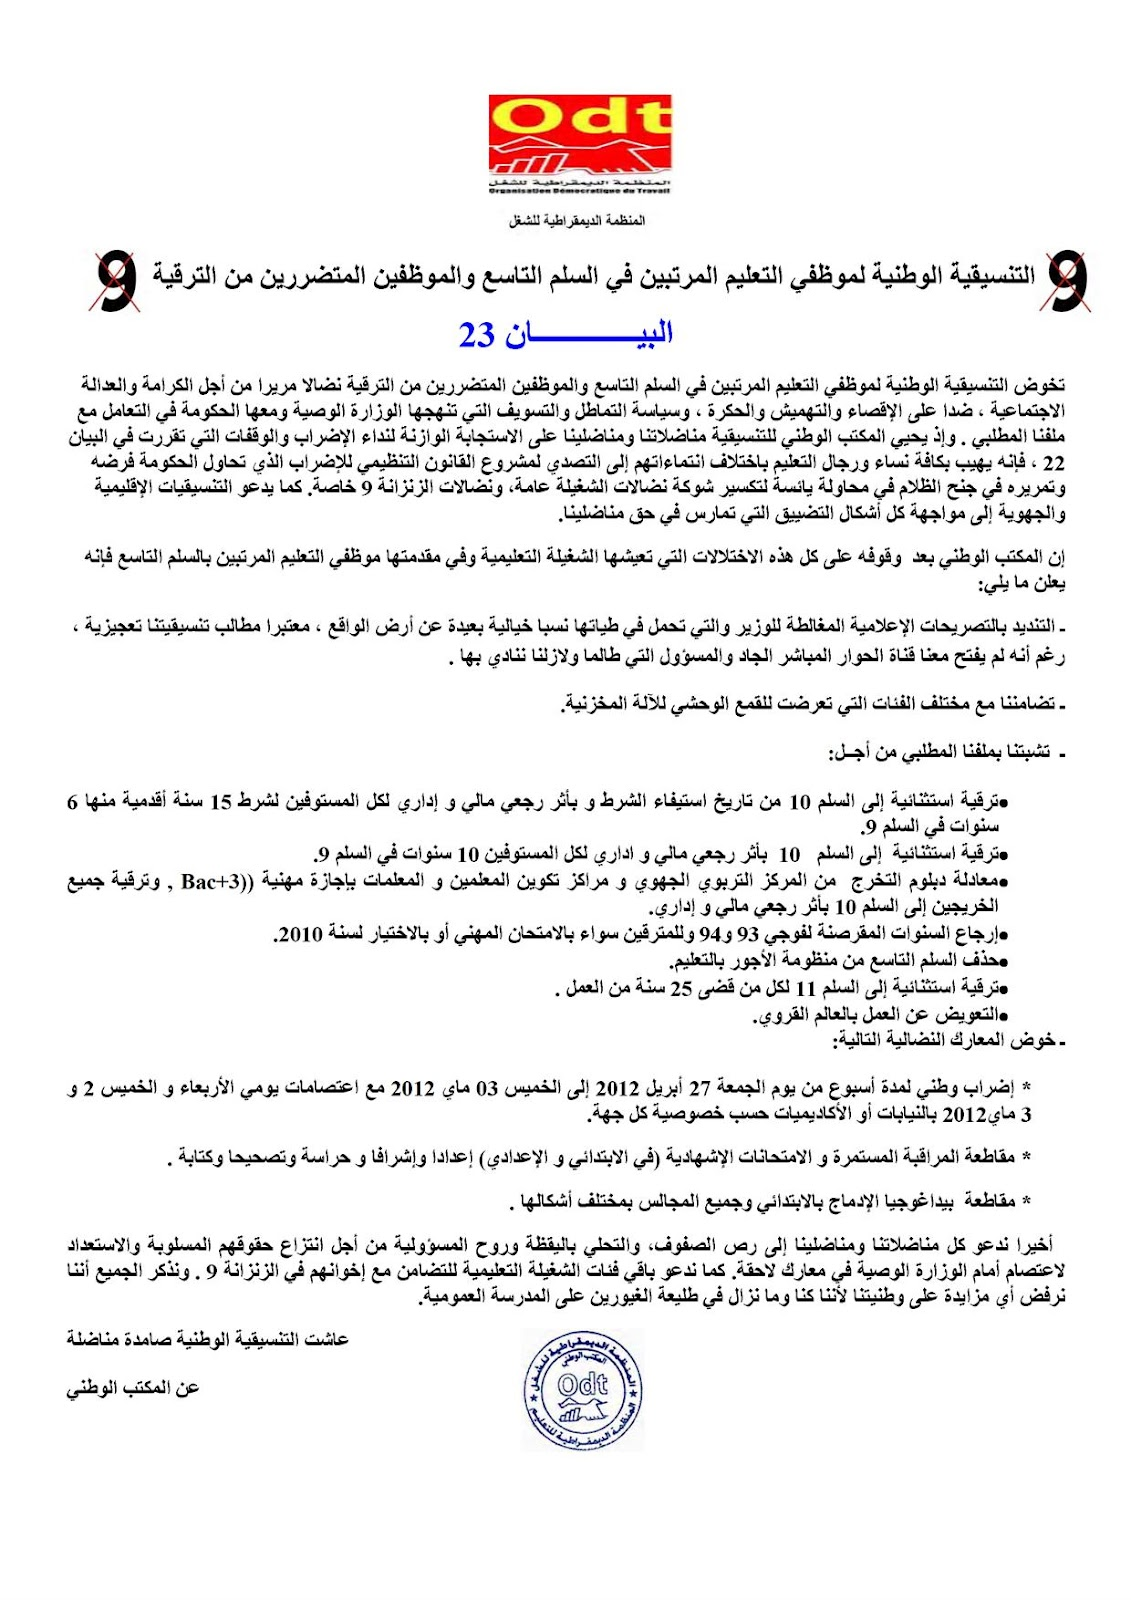 البيان رقم 23 للتنسيقية الوطنية لموظفي التعليم المرتبين في السلم 9 Note